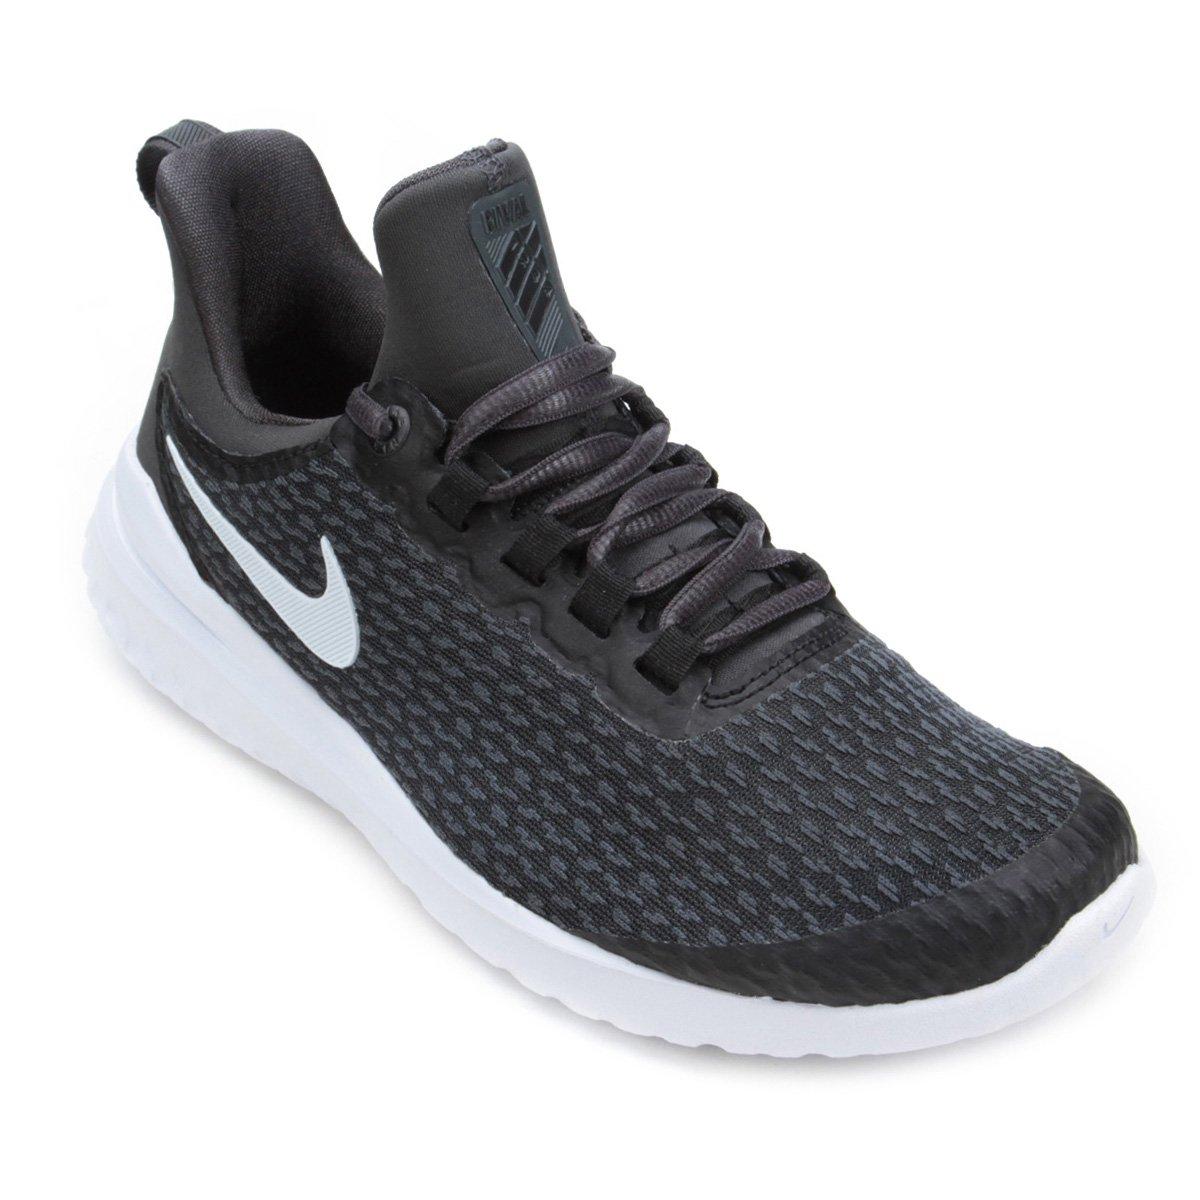 Tênis Nike Renew Rival Feminino - Preto e Branco - Compre Agora ... 94dd0fa7cbe57